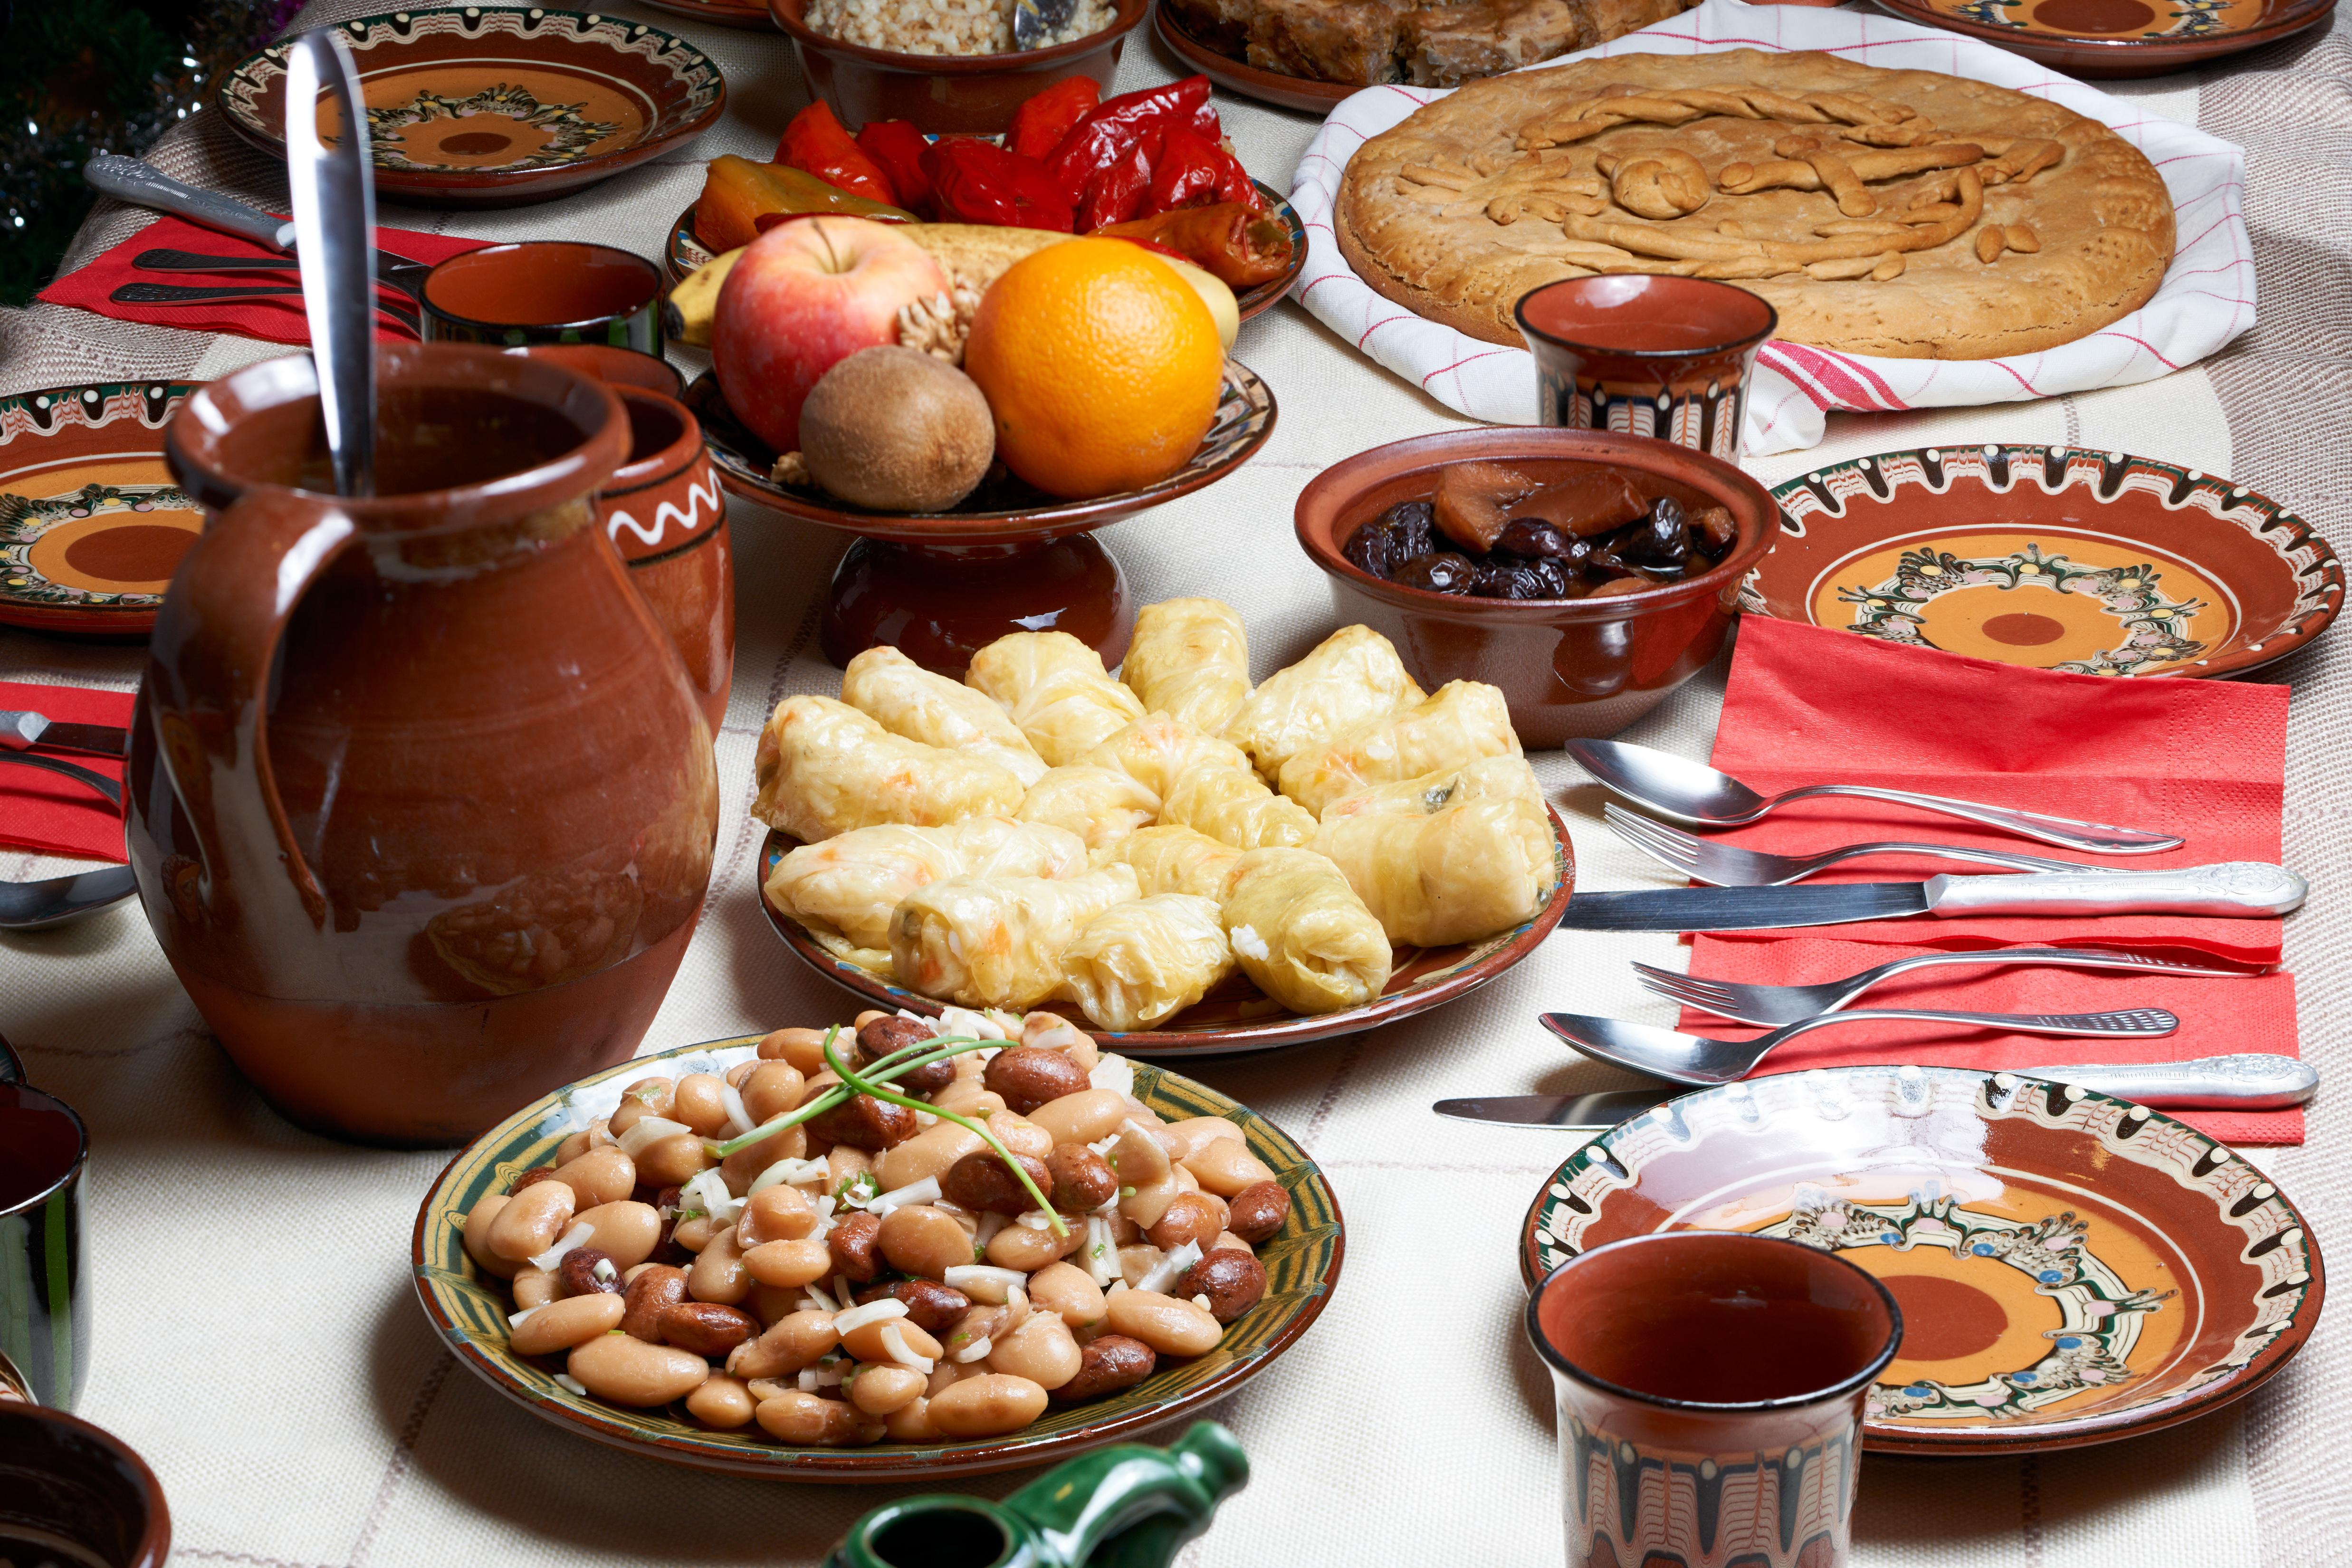 <p>От началото на Коледните пости до празника Въведение Богородично, който се отбелязва на 21 ноември, са забранени венчавките. 40-дневният Рождественски пост често е наричан още &bdquo;Четиридесетница на апостол Филип&rdquo;, тъй като се празнува веднага след Деня на апостол Филип - на 14 ноември.</p>